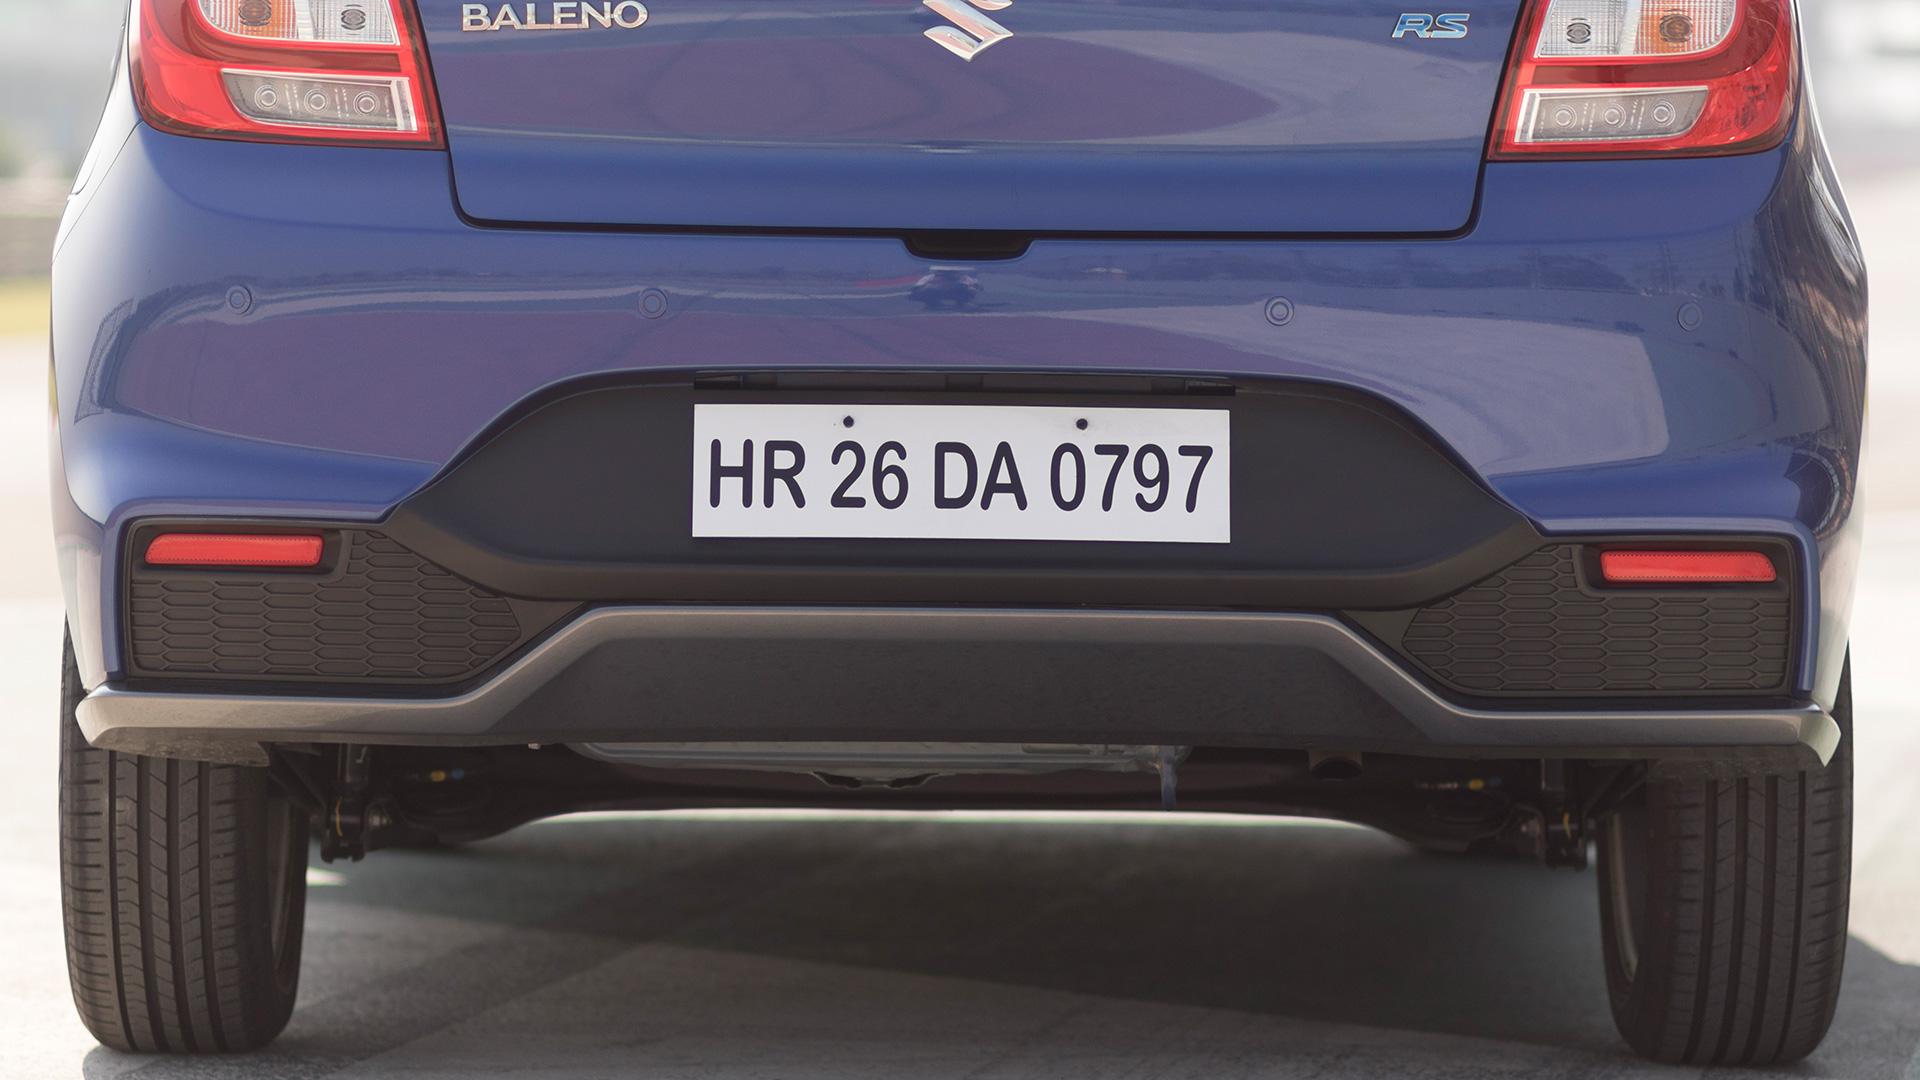 Maruti Suzuki Baleno 2017 RS Exterior